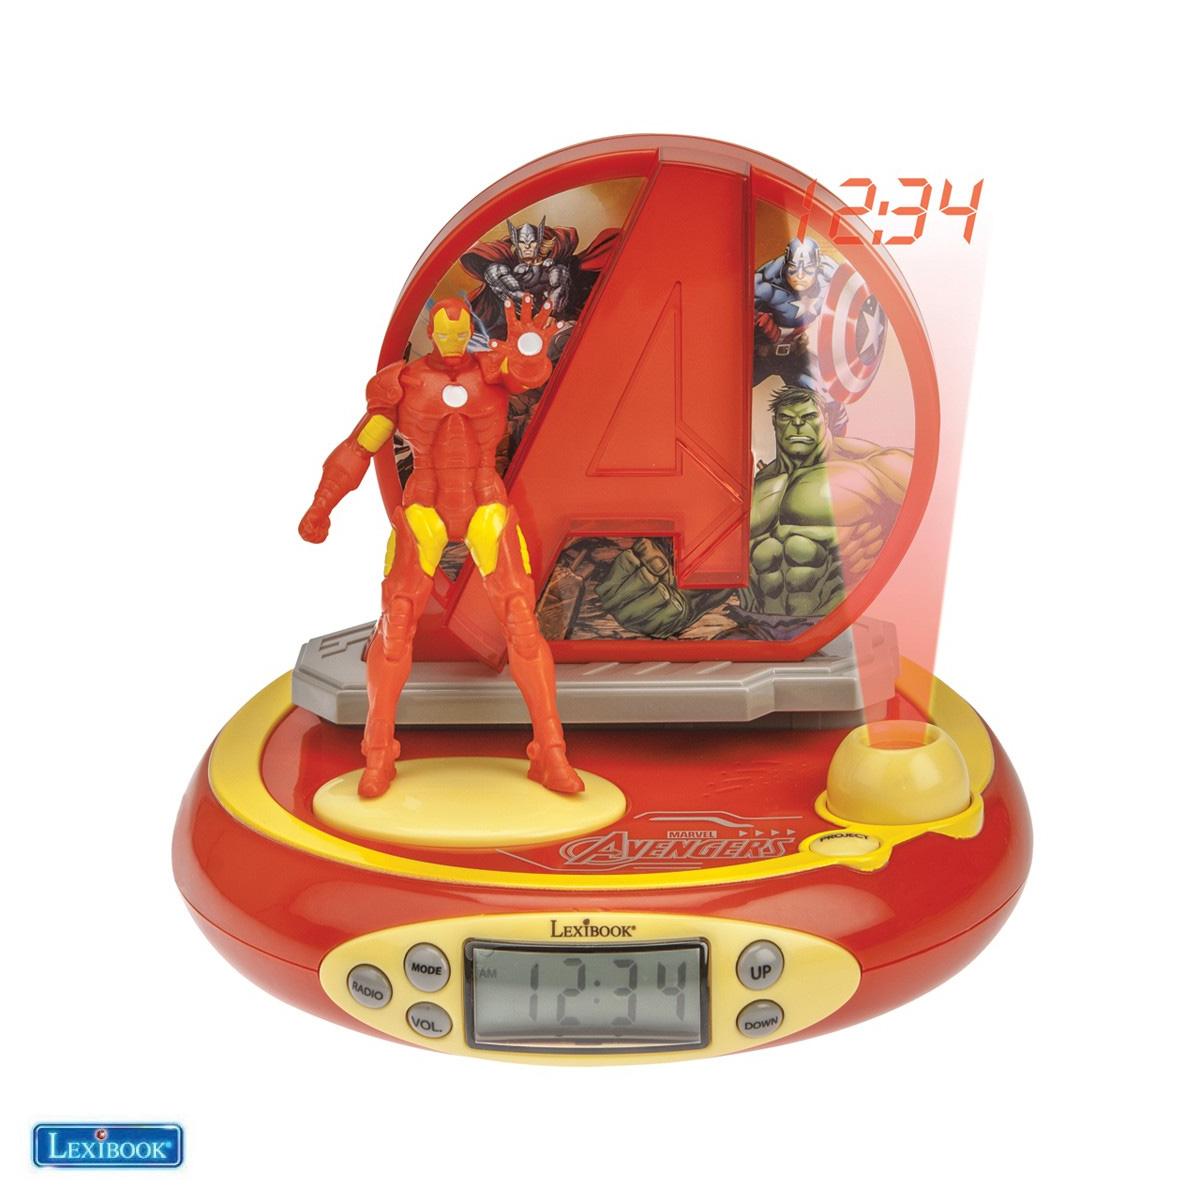 Lexibook - Avengers 3D Iron Man Projector Clock with Super Hero Sounds (RP510AV)